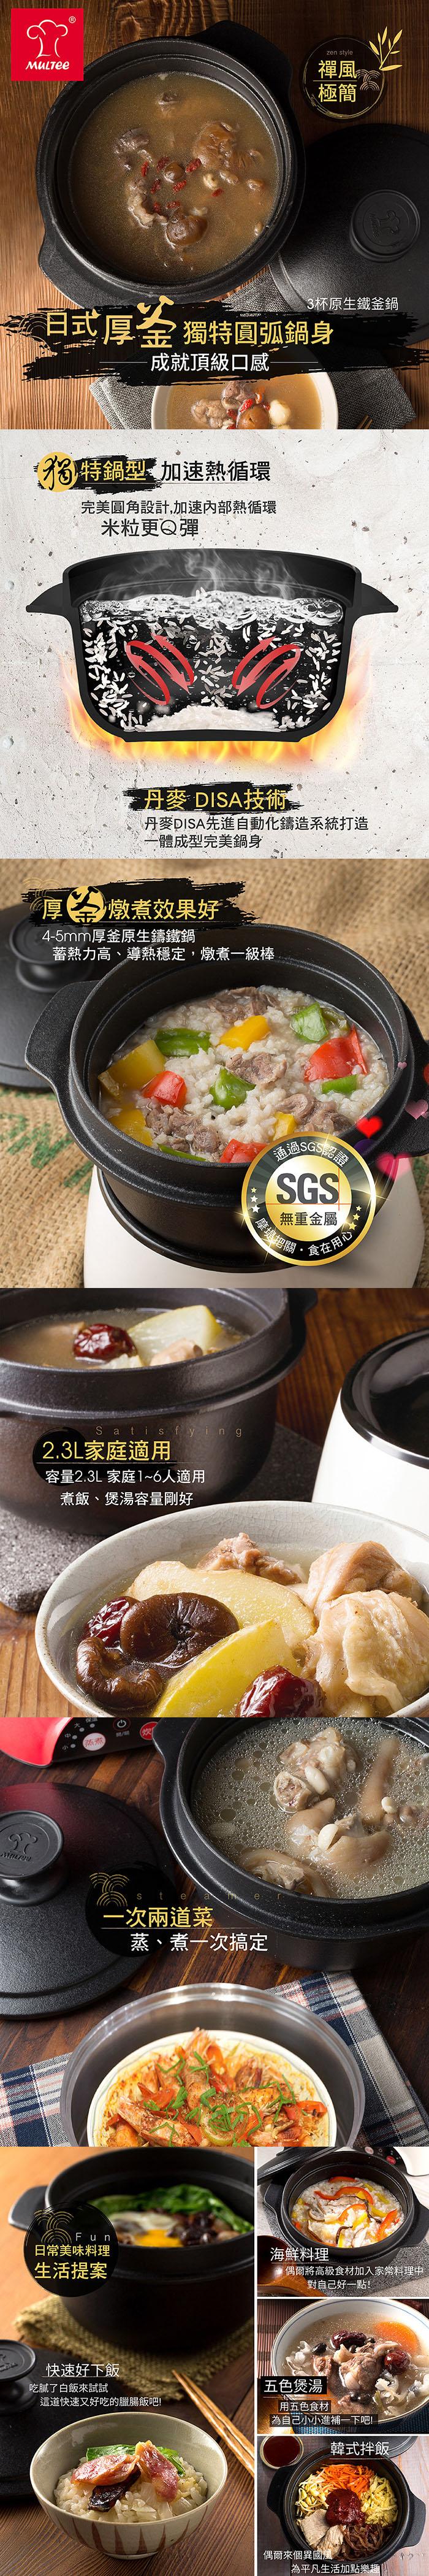 3杯原生鐵釜鍋.jpg